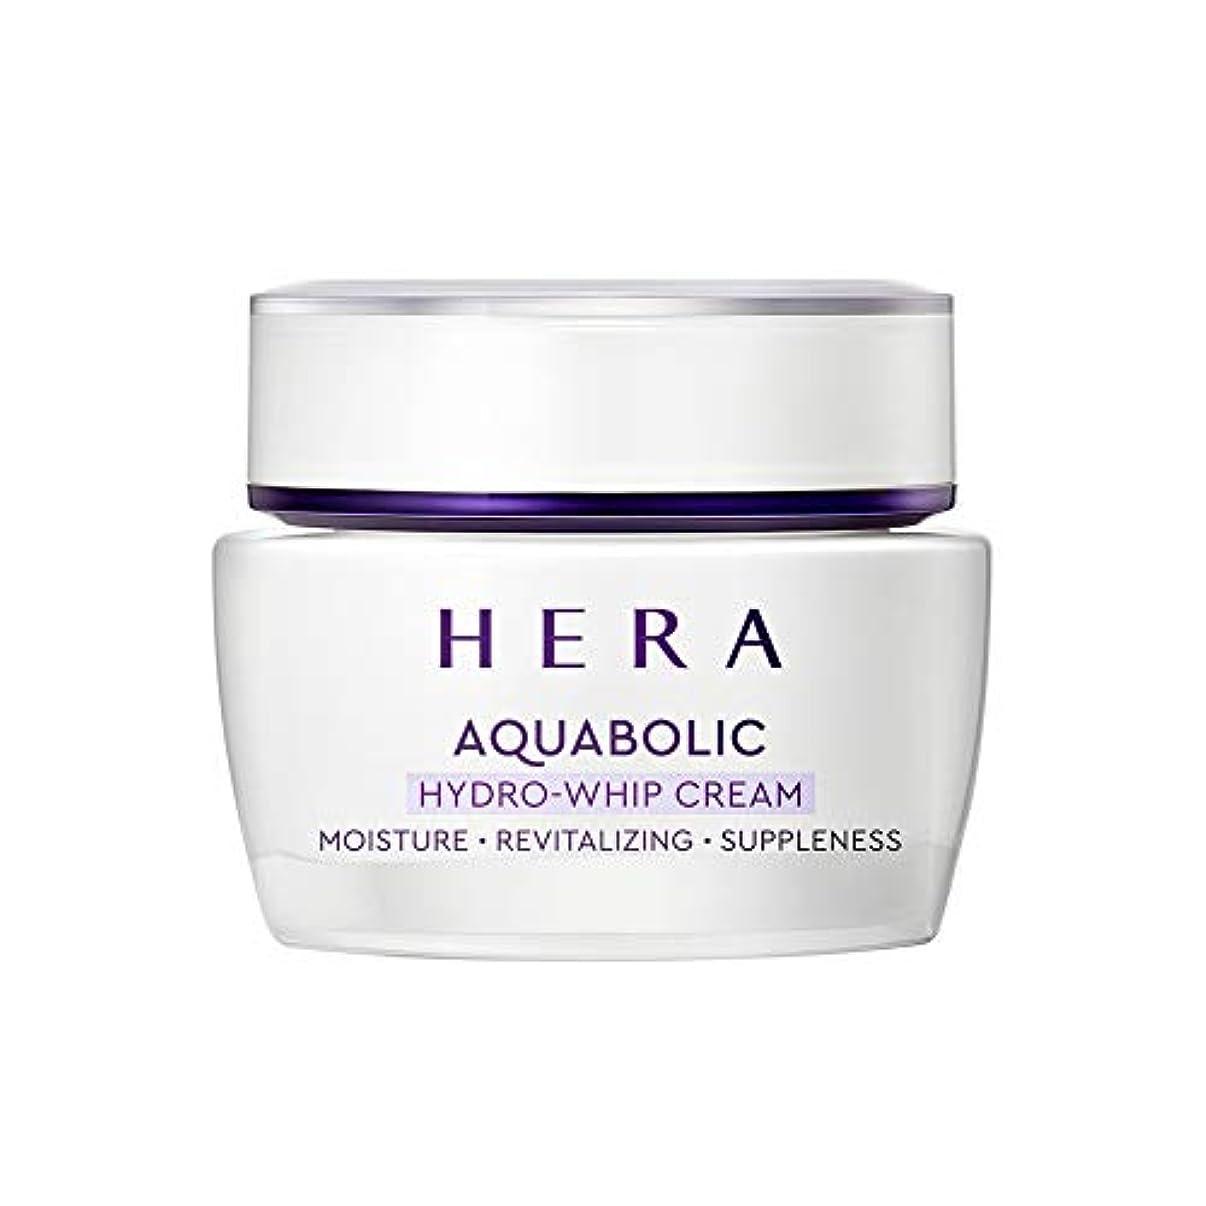 湿原相関するすばらしいです【HERA公式】ヘラ アクアボリック ハイドロ-ホイップ クリーム 50mL/HERA Aquabolic Hydro-Whip Cream 50mL